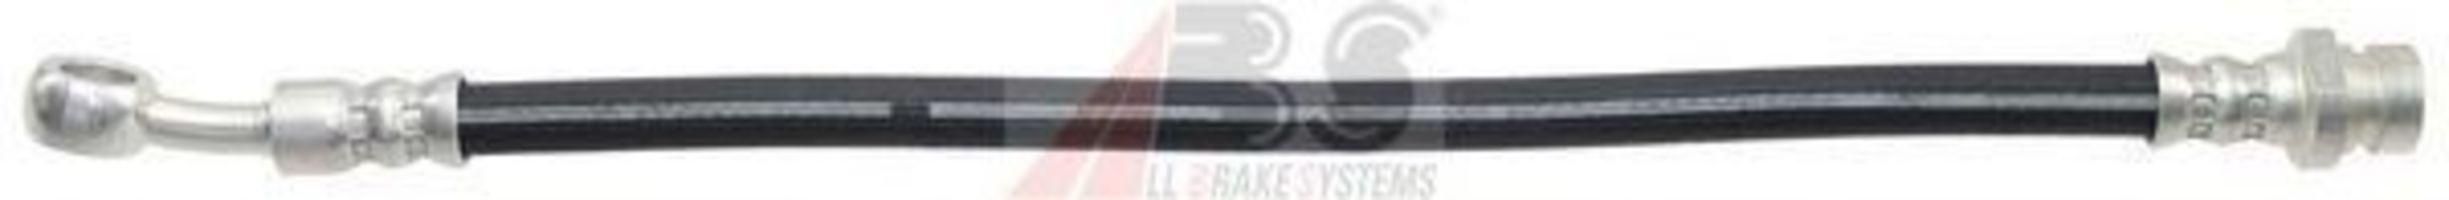 Шланг тормозной A.B.S. SL 6212